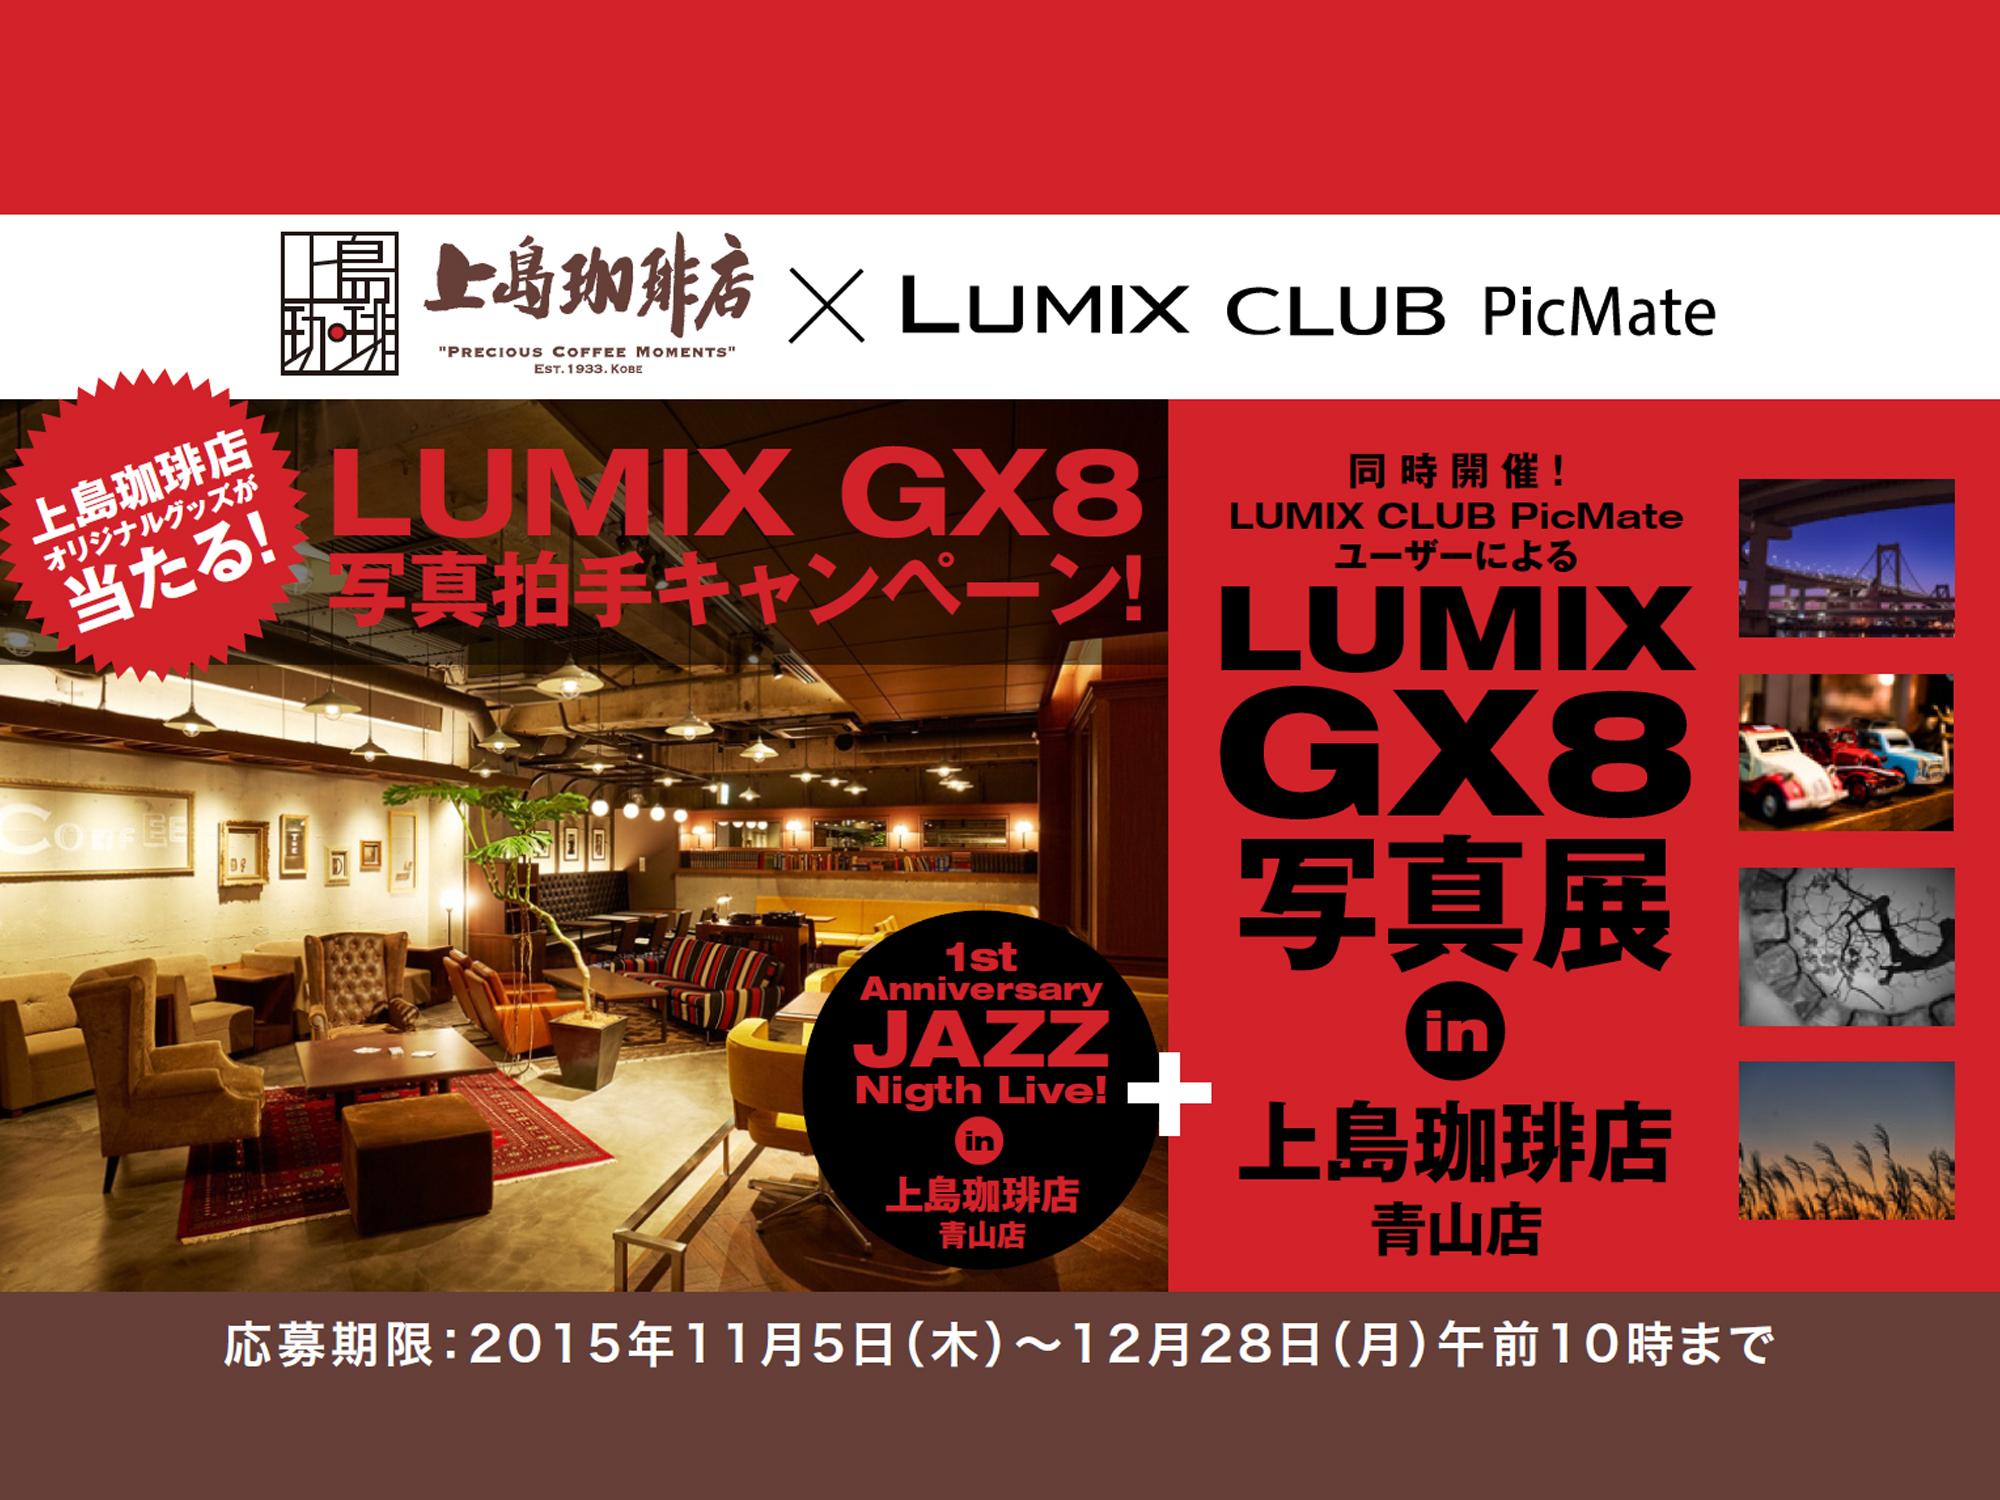 珈琲と写真とJAZZのイベントを開催!上島珈琲店×LUMIX CLUB PicMate